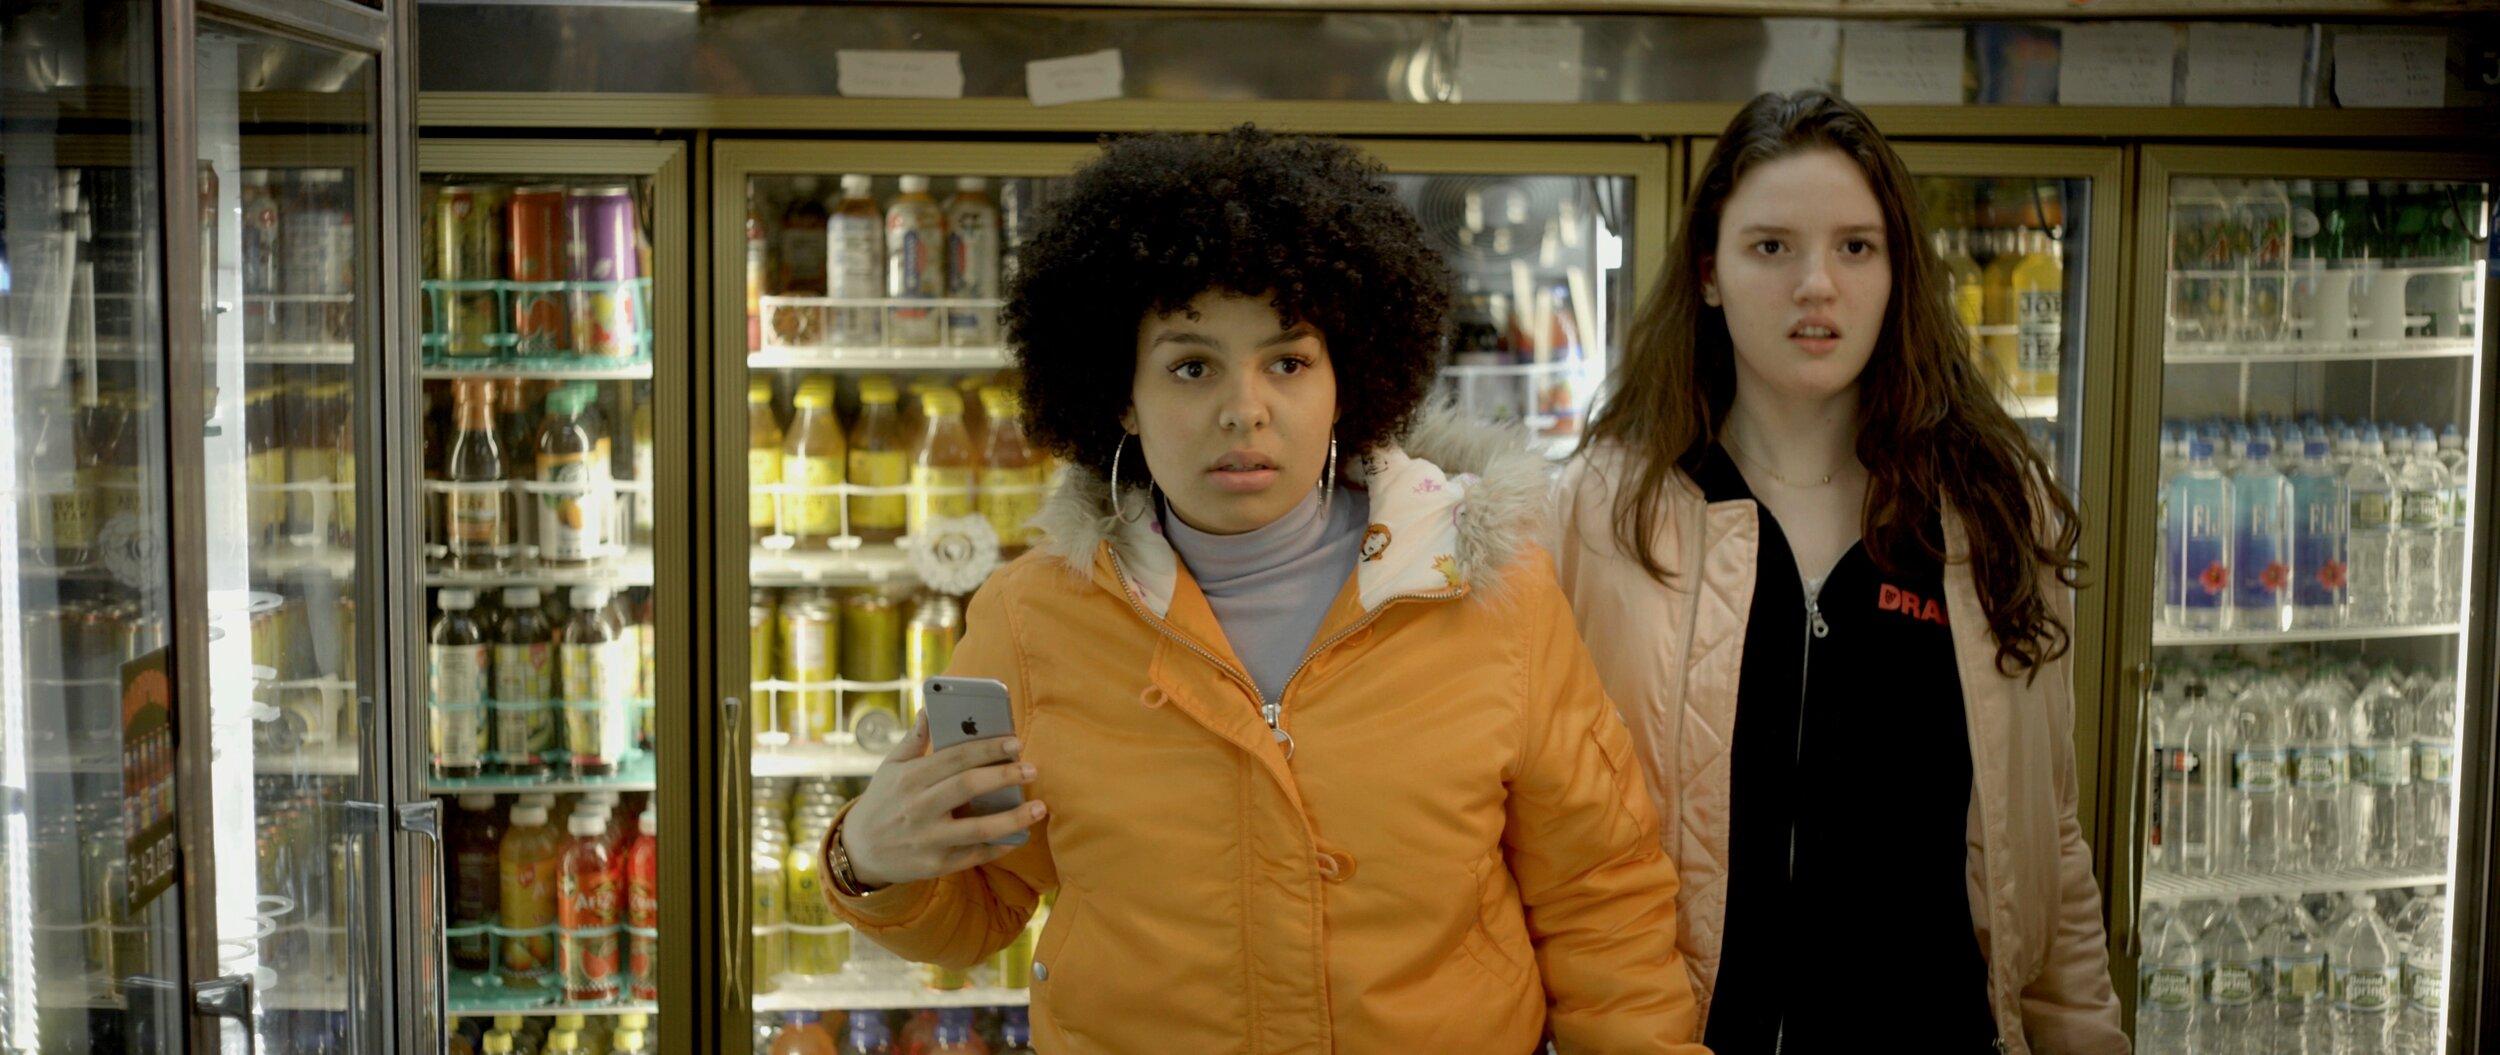 Iris and Rachel pic.jpeg